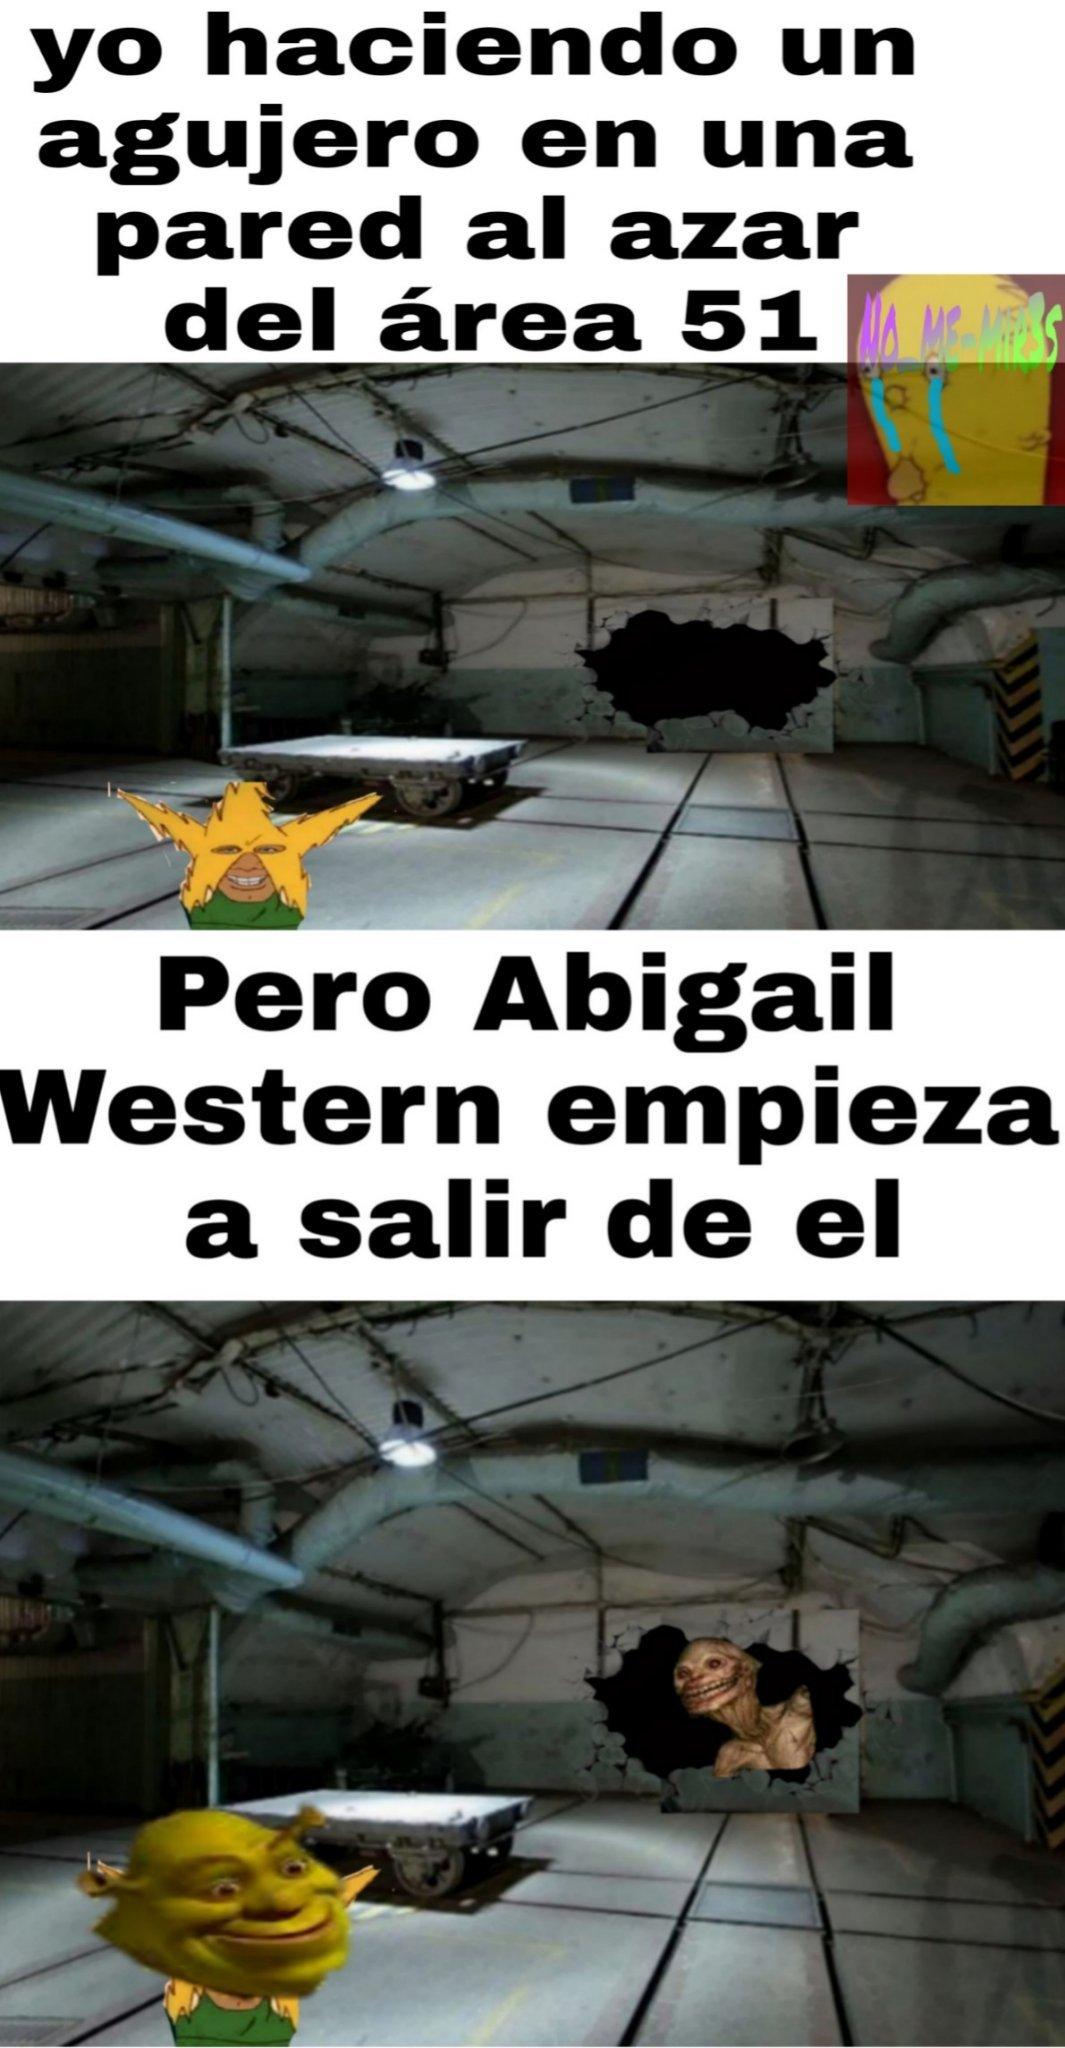 Meme (vean la historia de abigail western)